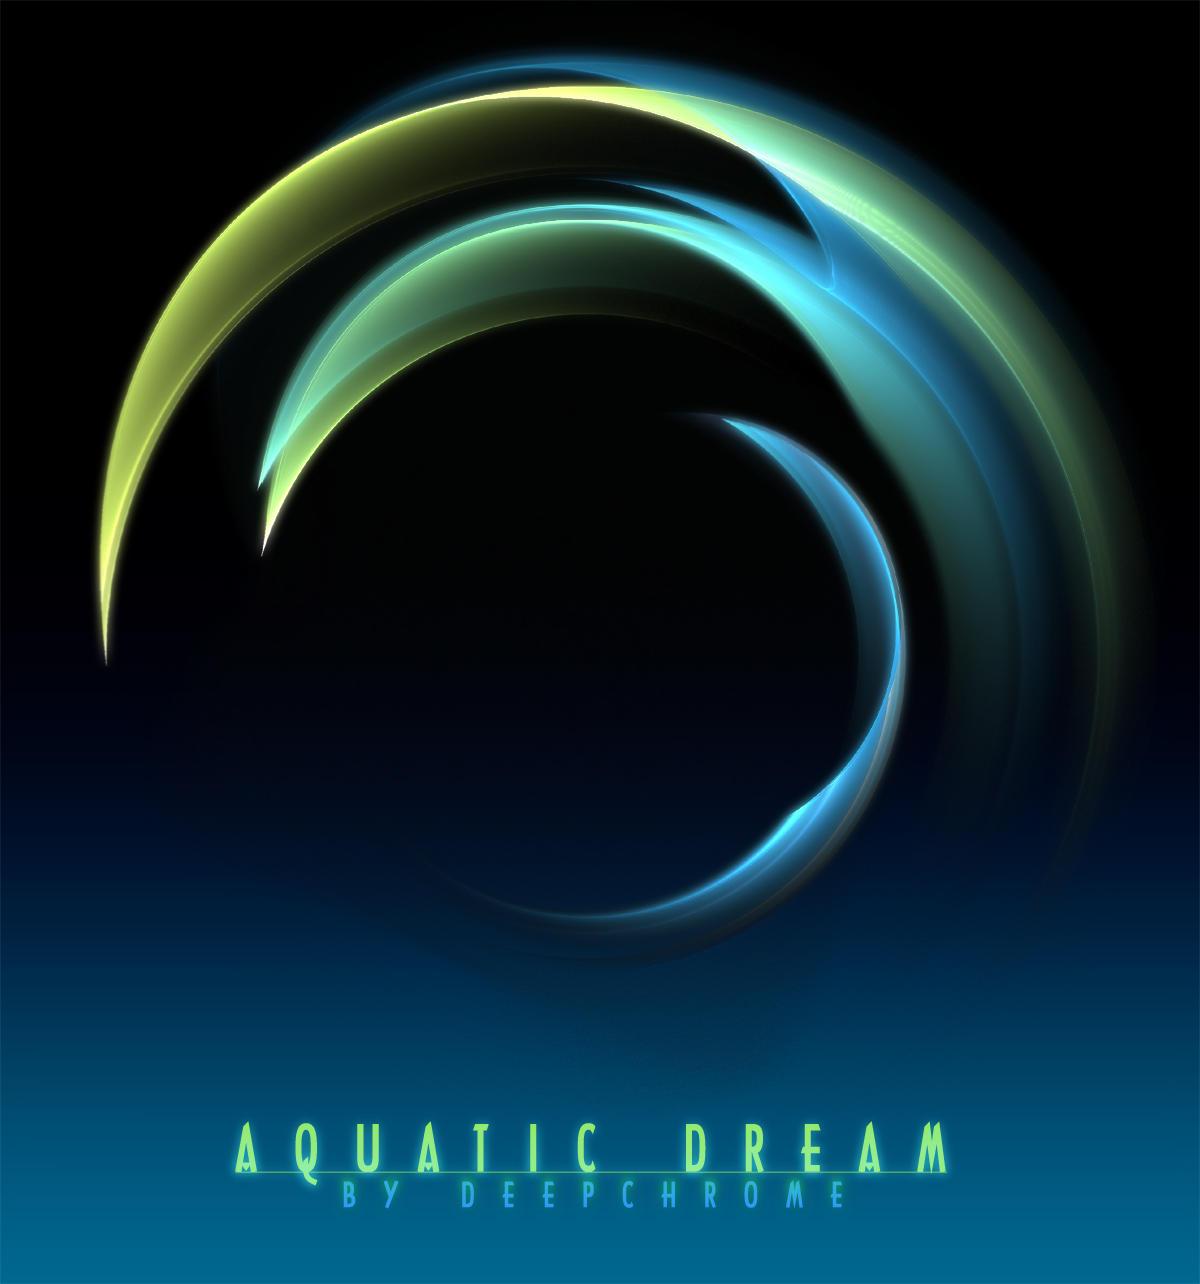 AQUATIC DREAM by DeepChrome